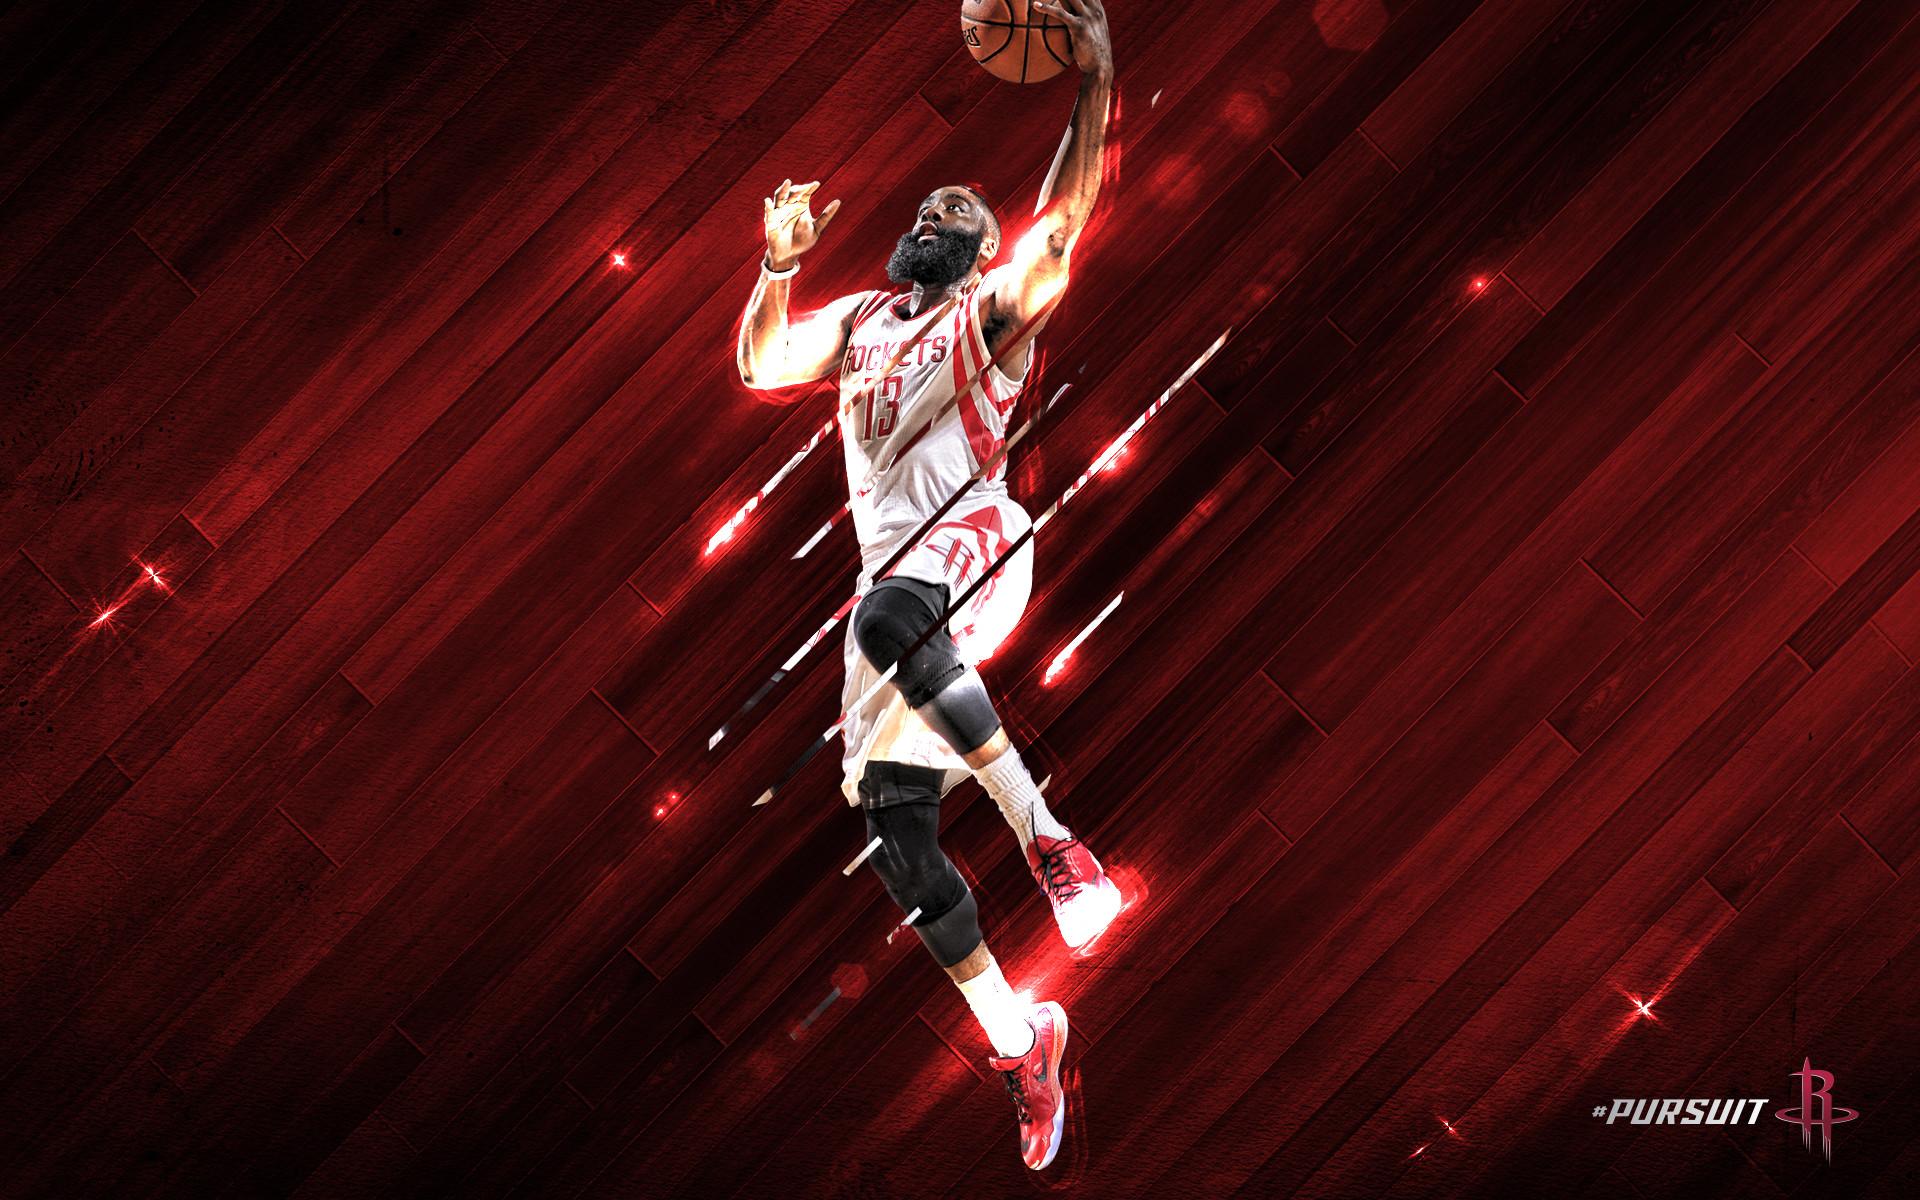 Houston Rockets Wallpaper HD.